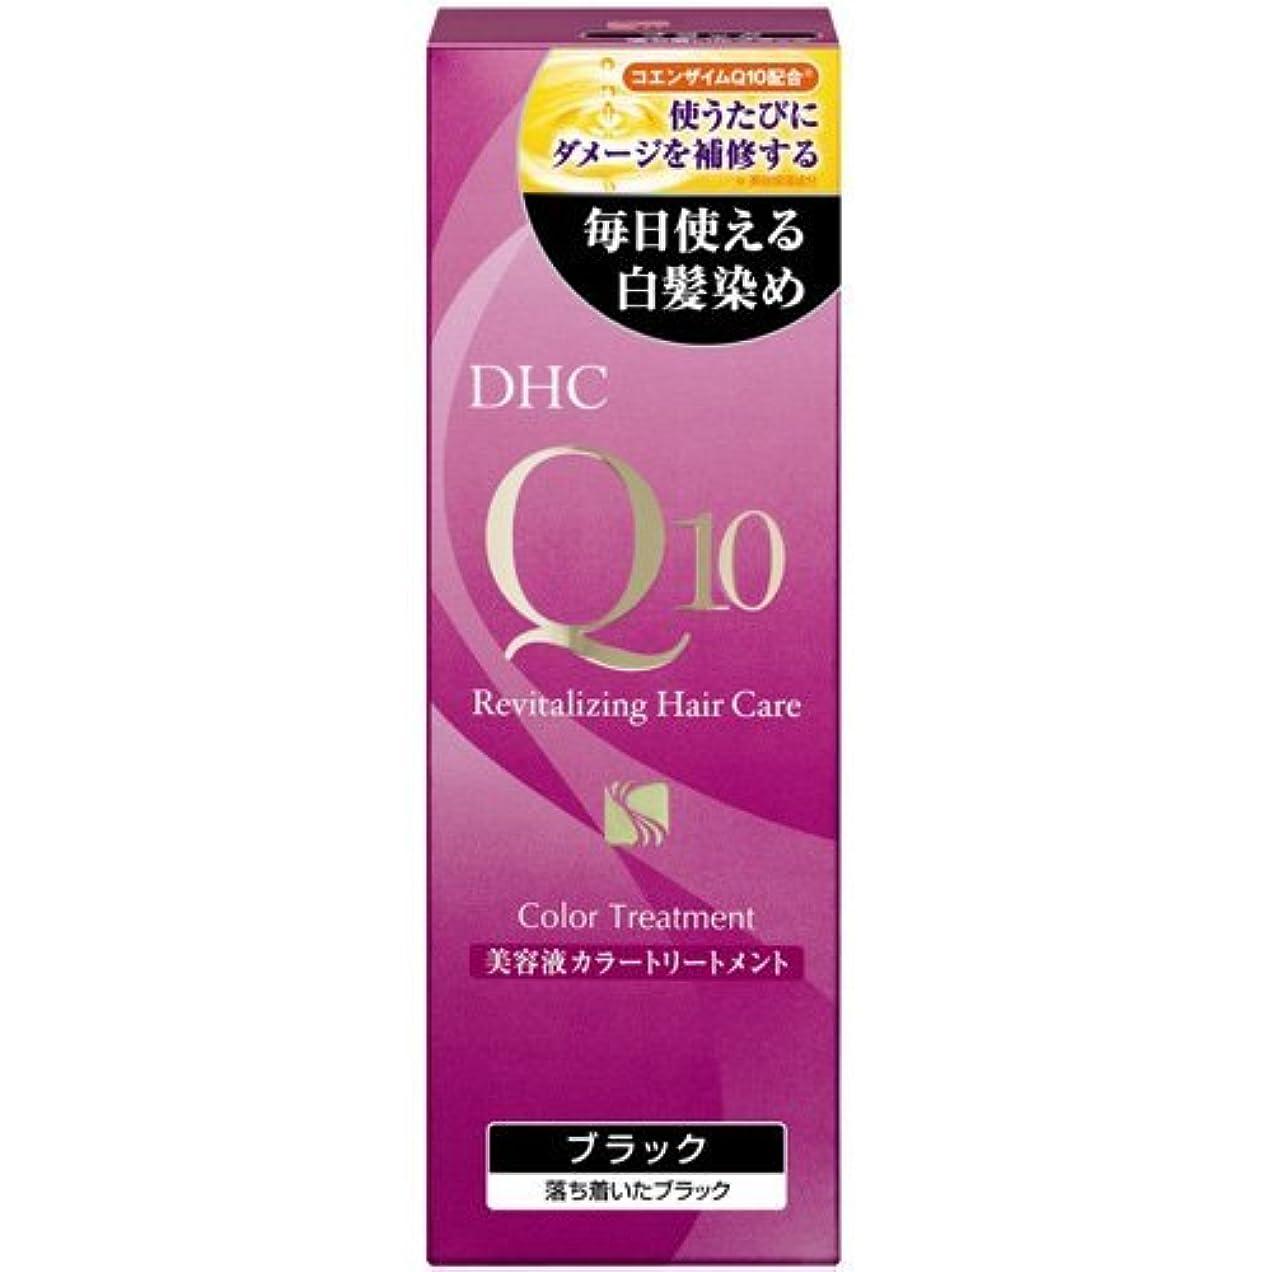 【まとめ買い】DHC Q10美溶液カラートリートメントブラックSS170g ×3個